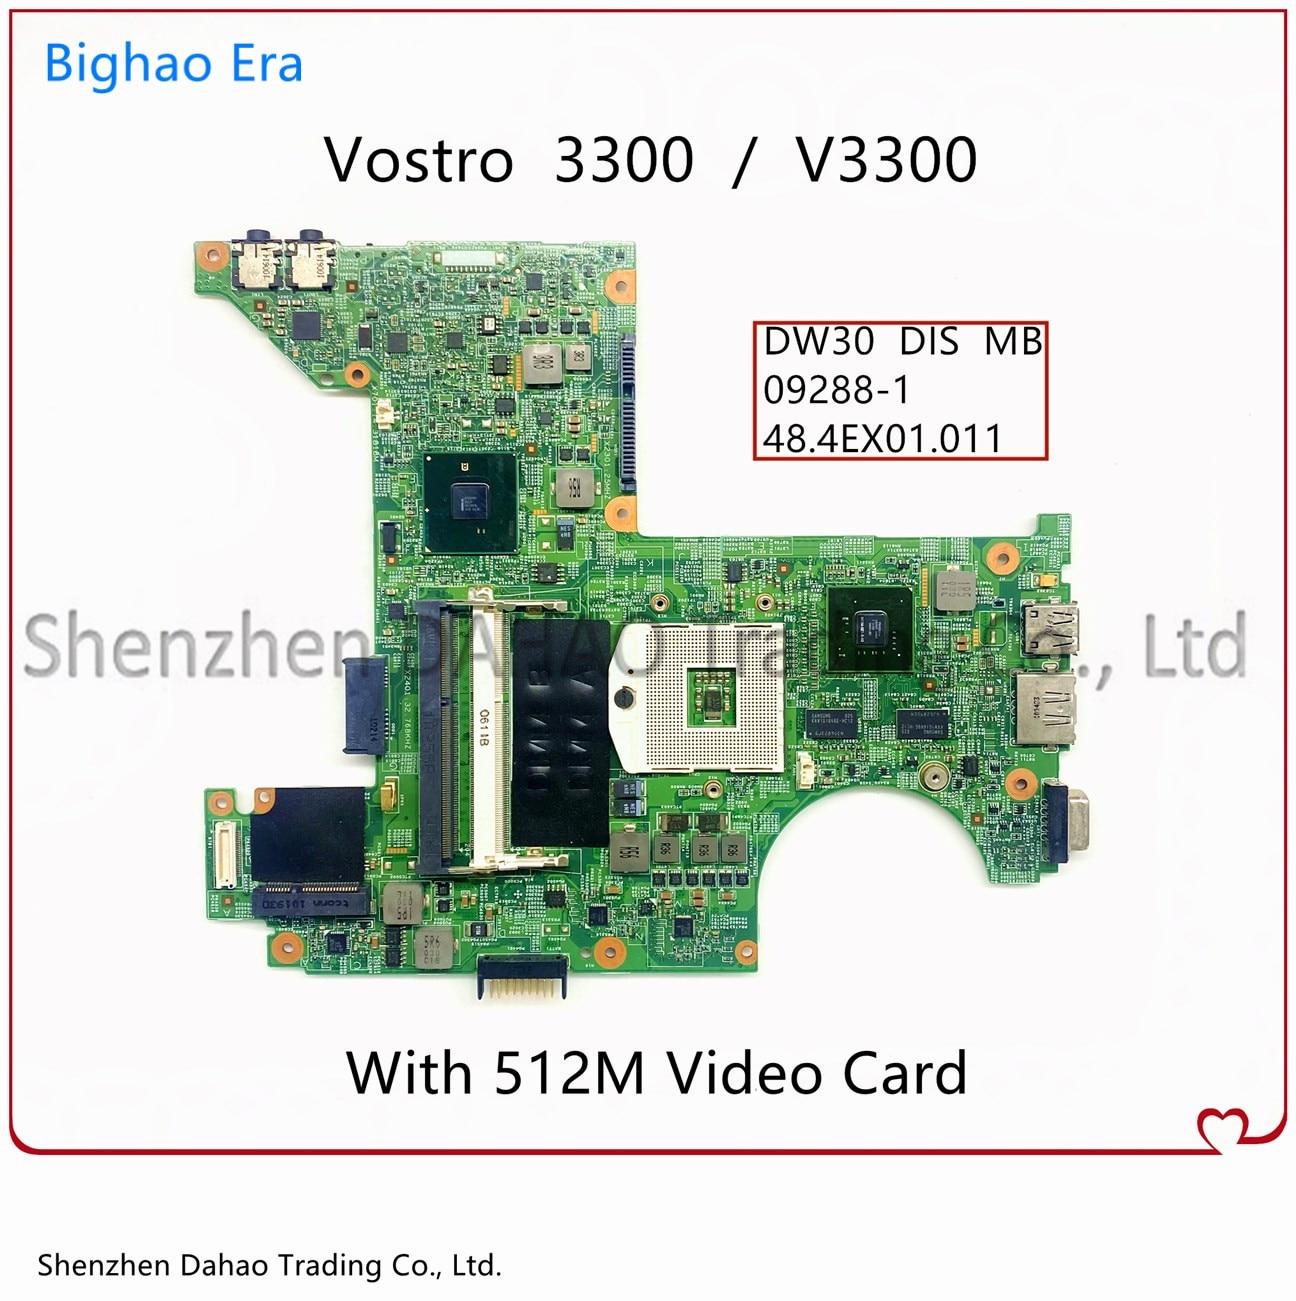 ل DELL Vostro 3300 V3300 اللوحة الأم للكمبيوتر المحمول ث/HM57 512M-GPU CN-05JR09 05JR09 09288-1 48.4EX01.011 اللوحة الرئيسية 100% اختبارها بالكامل